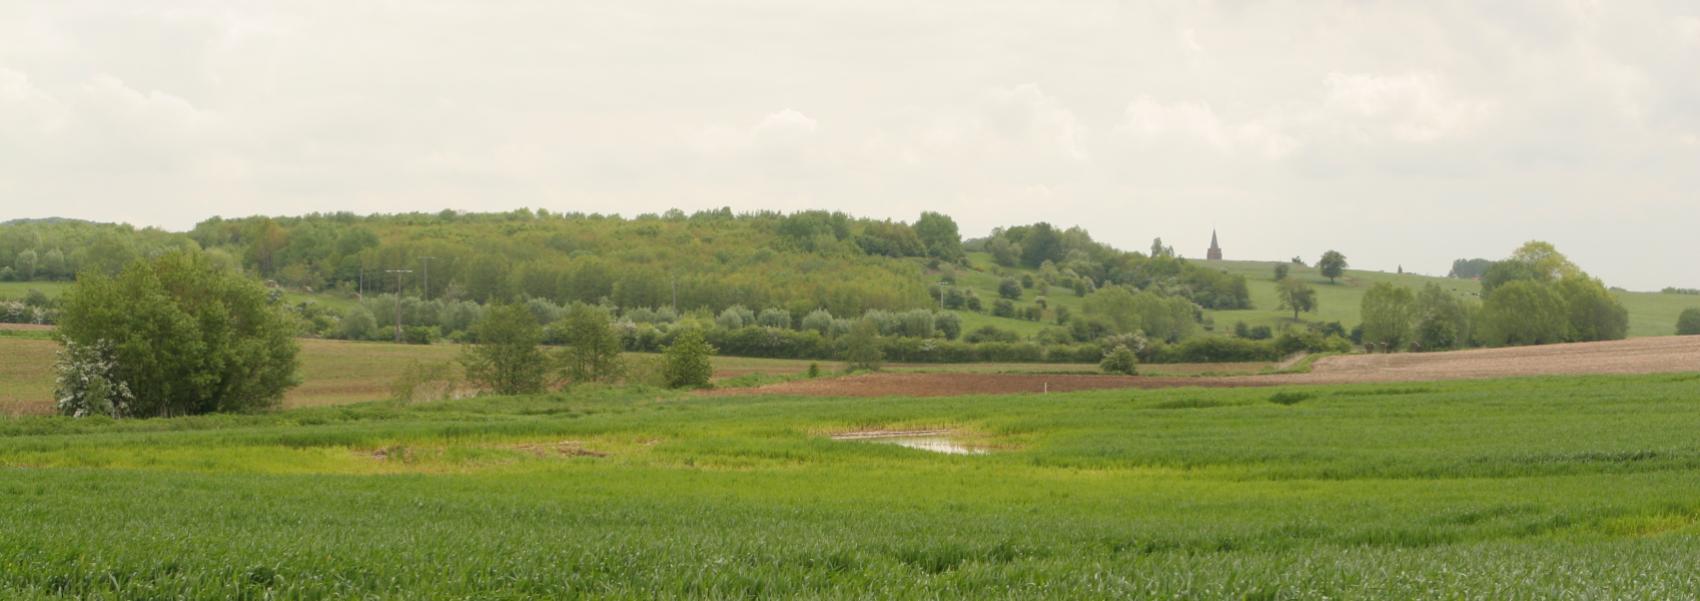 zicht over het landschap